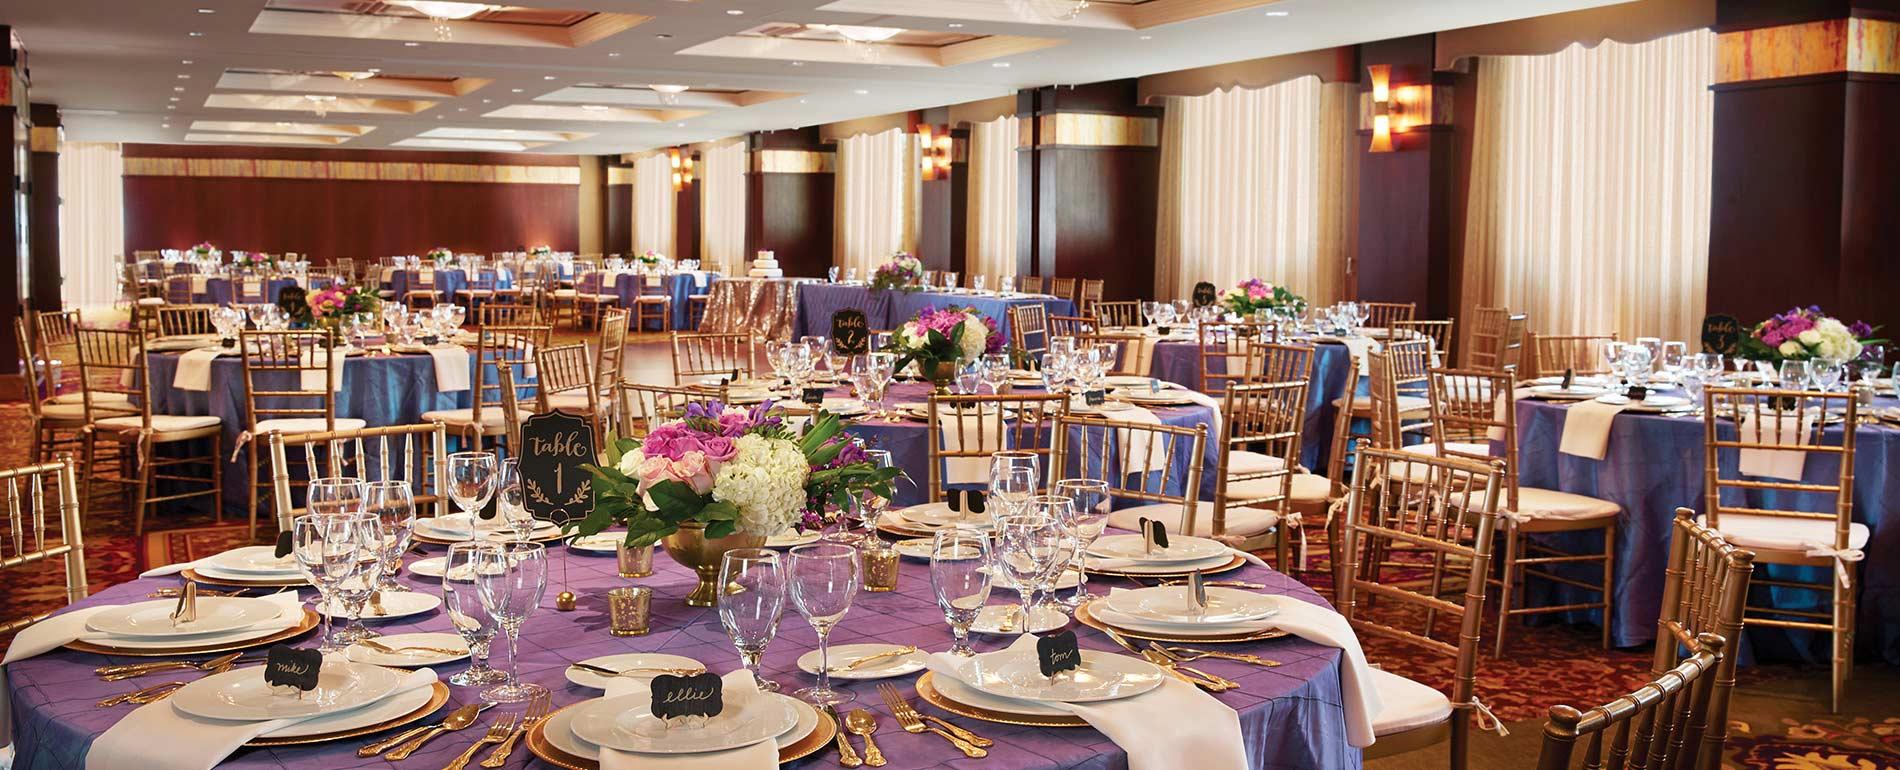 pocono Wedding Banquet Hall